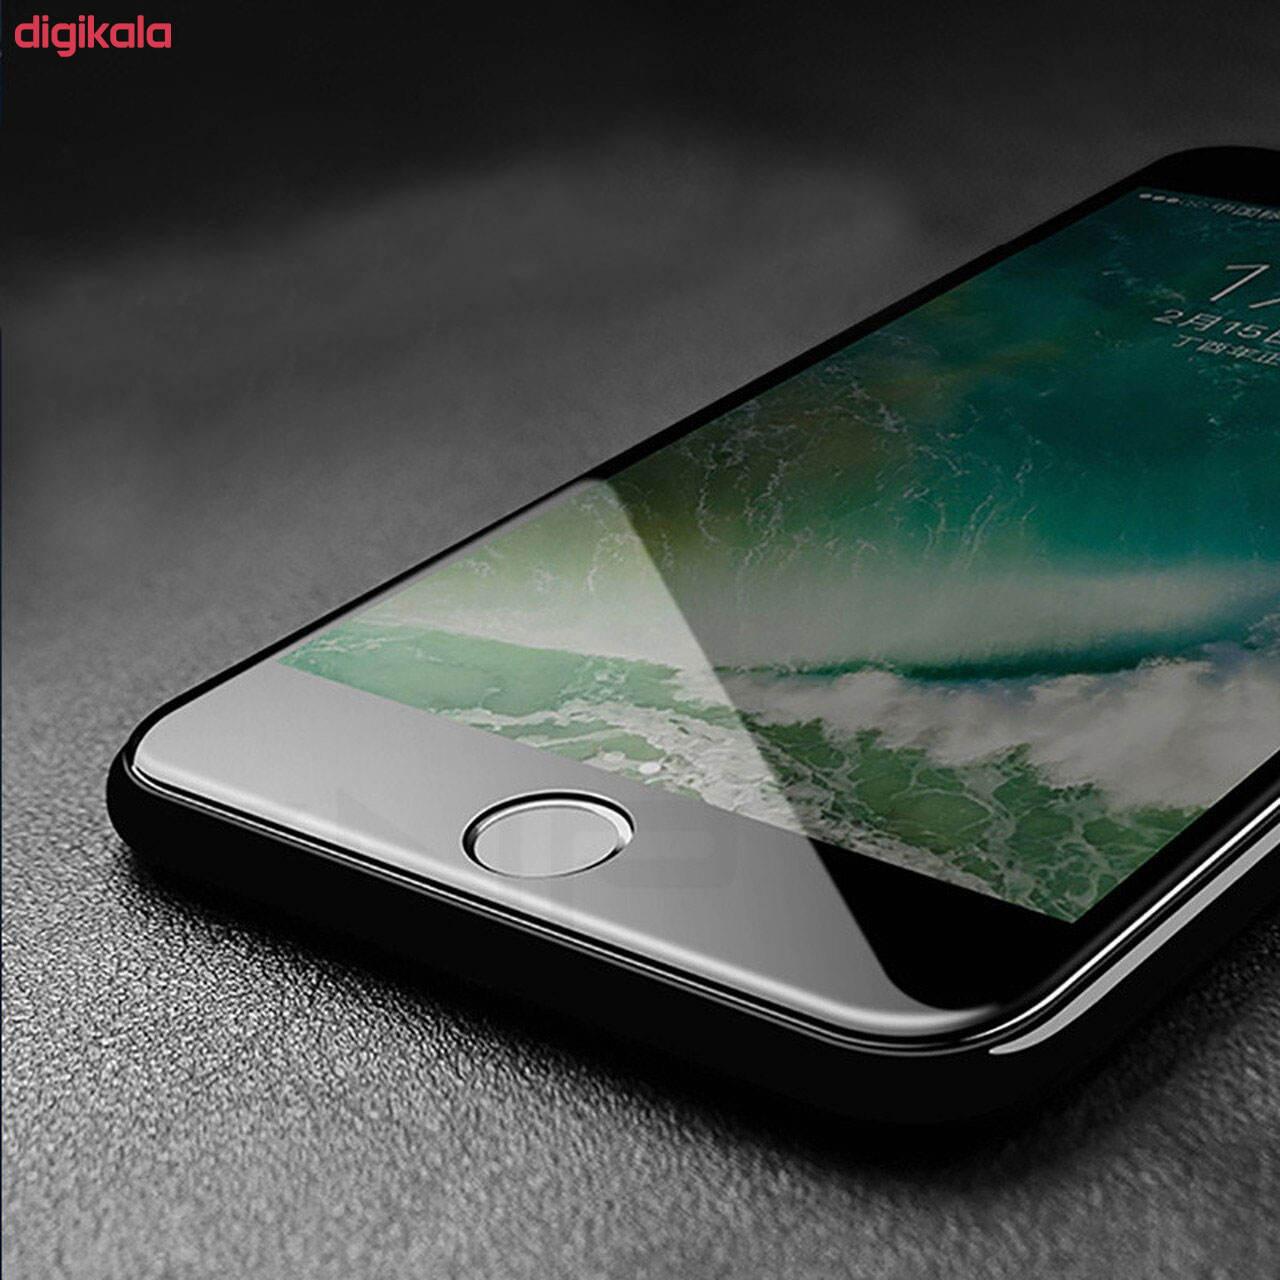 محافظ صفحه نمایش مدل FCG مناسب برای گوشی موبایل اپل iPhone 7 Plus main 1 12